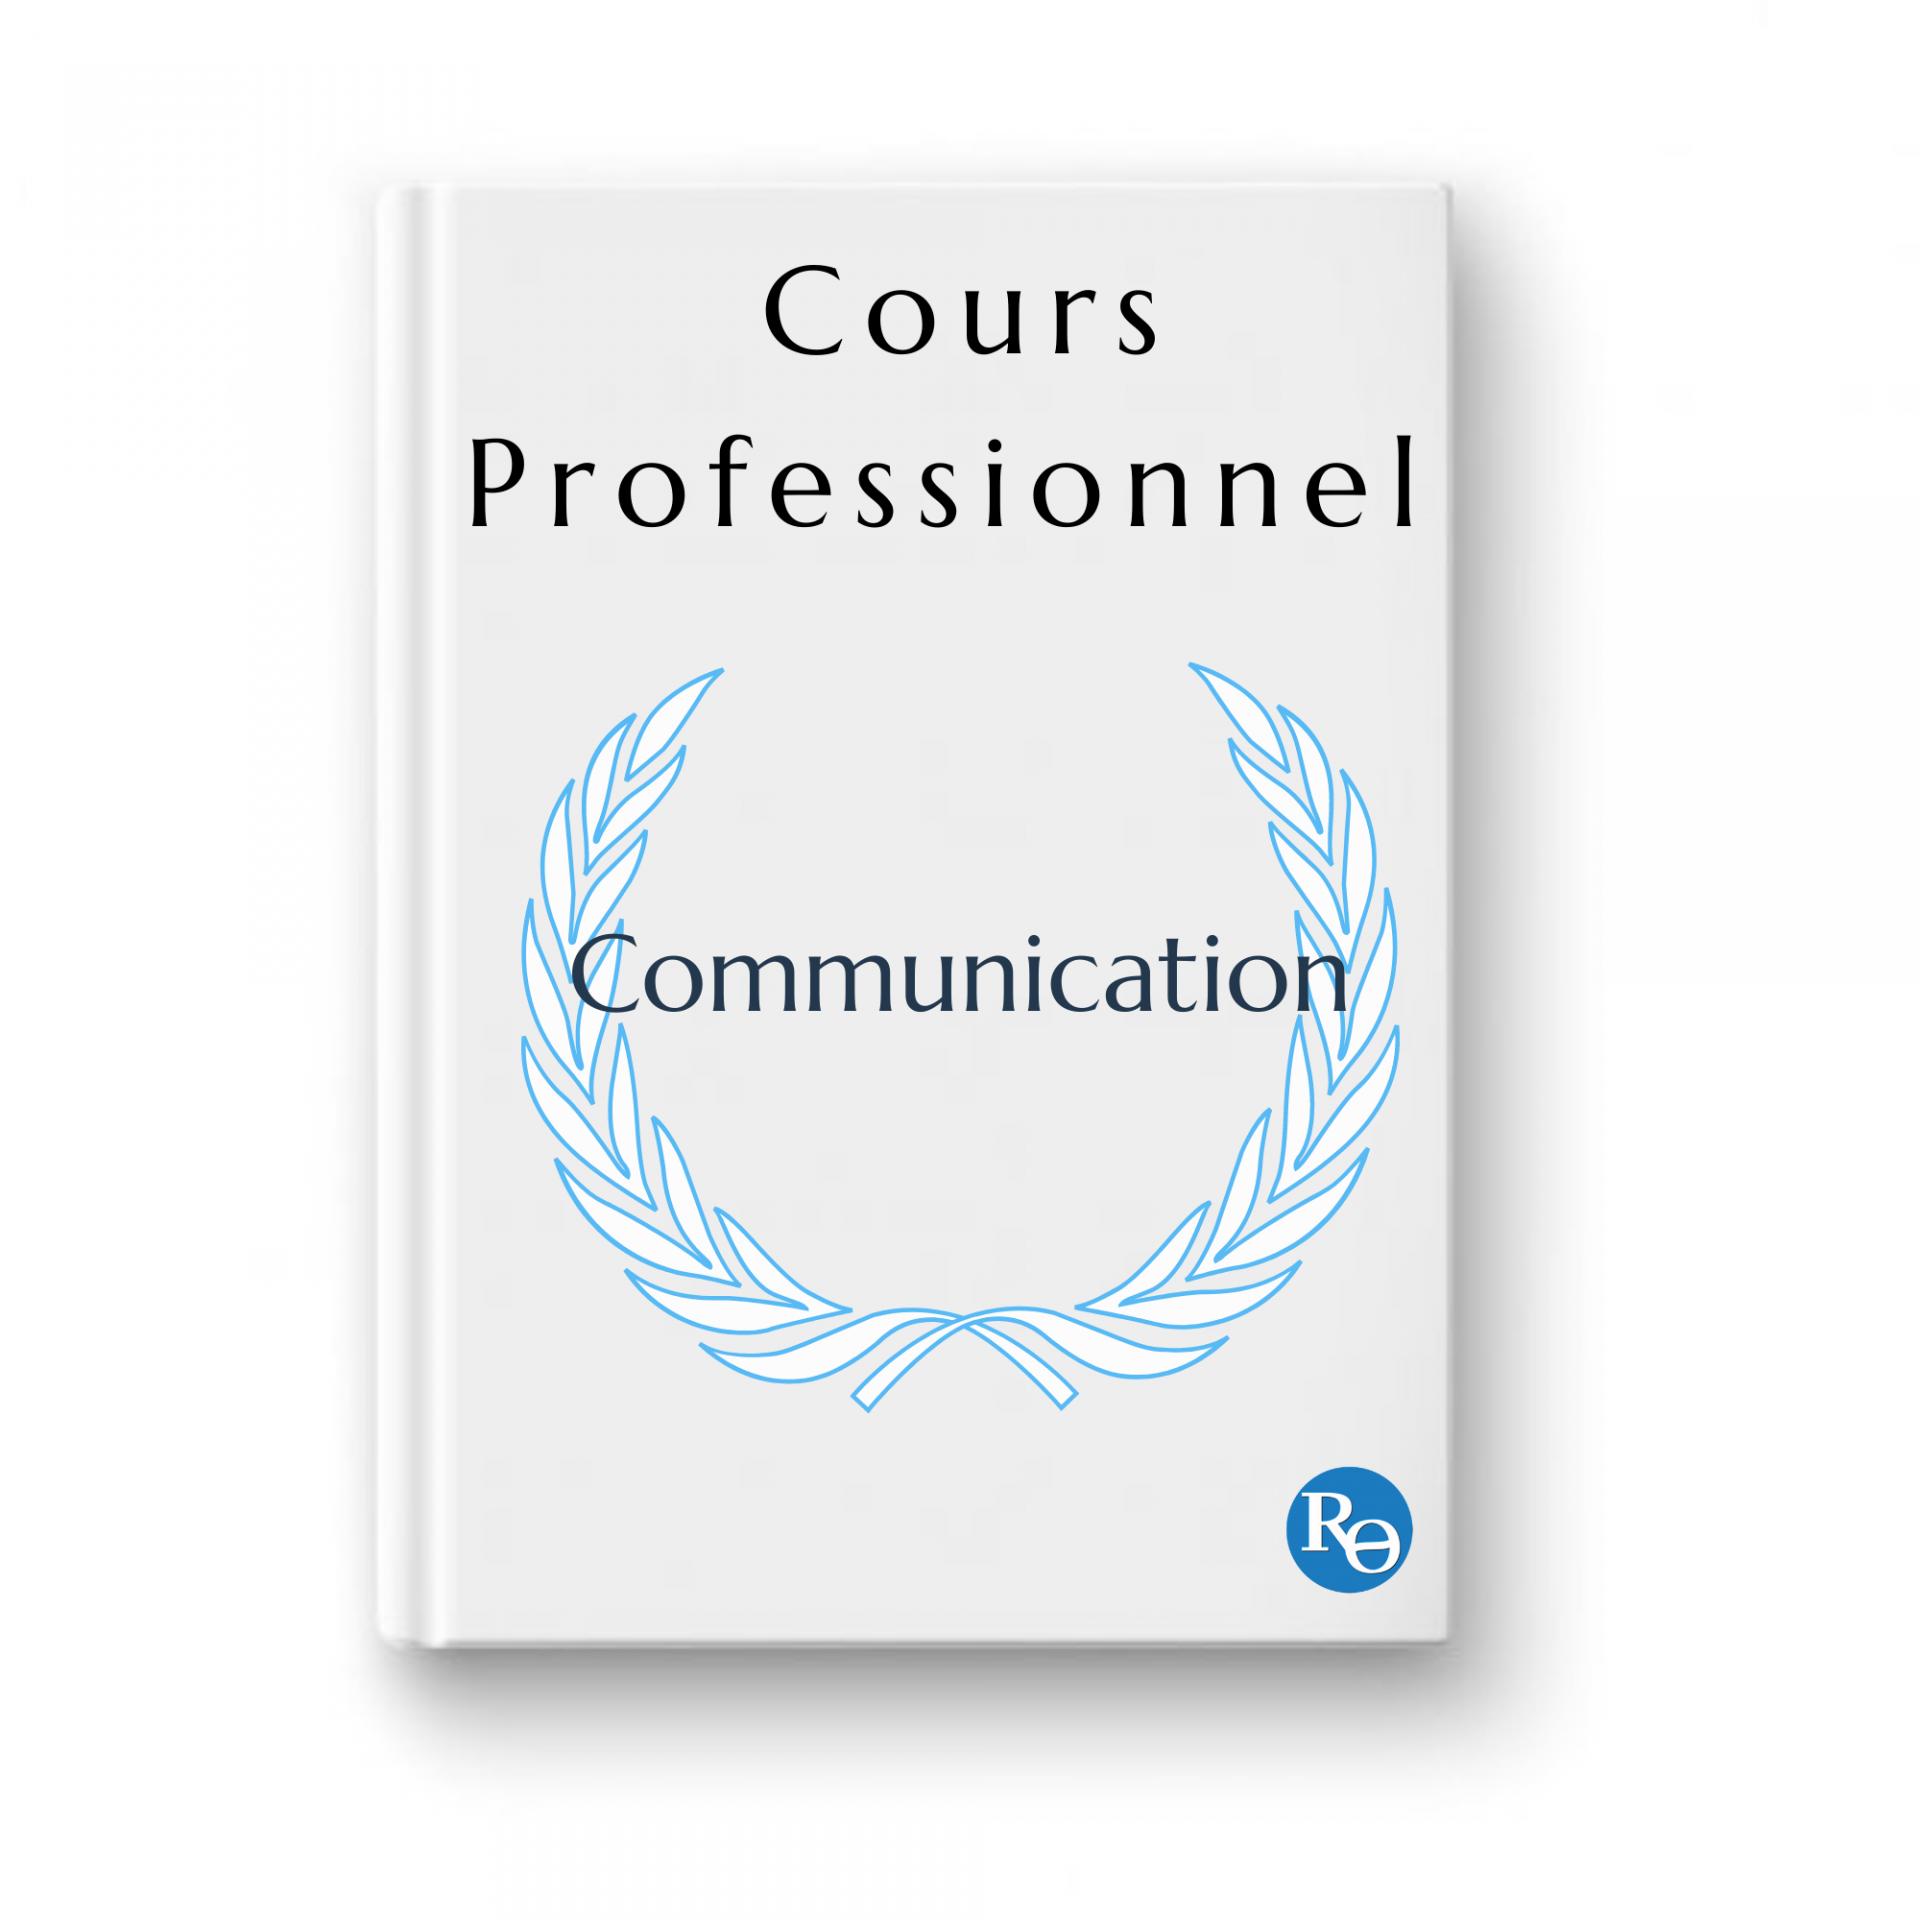 Cours professionnel communication